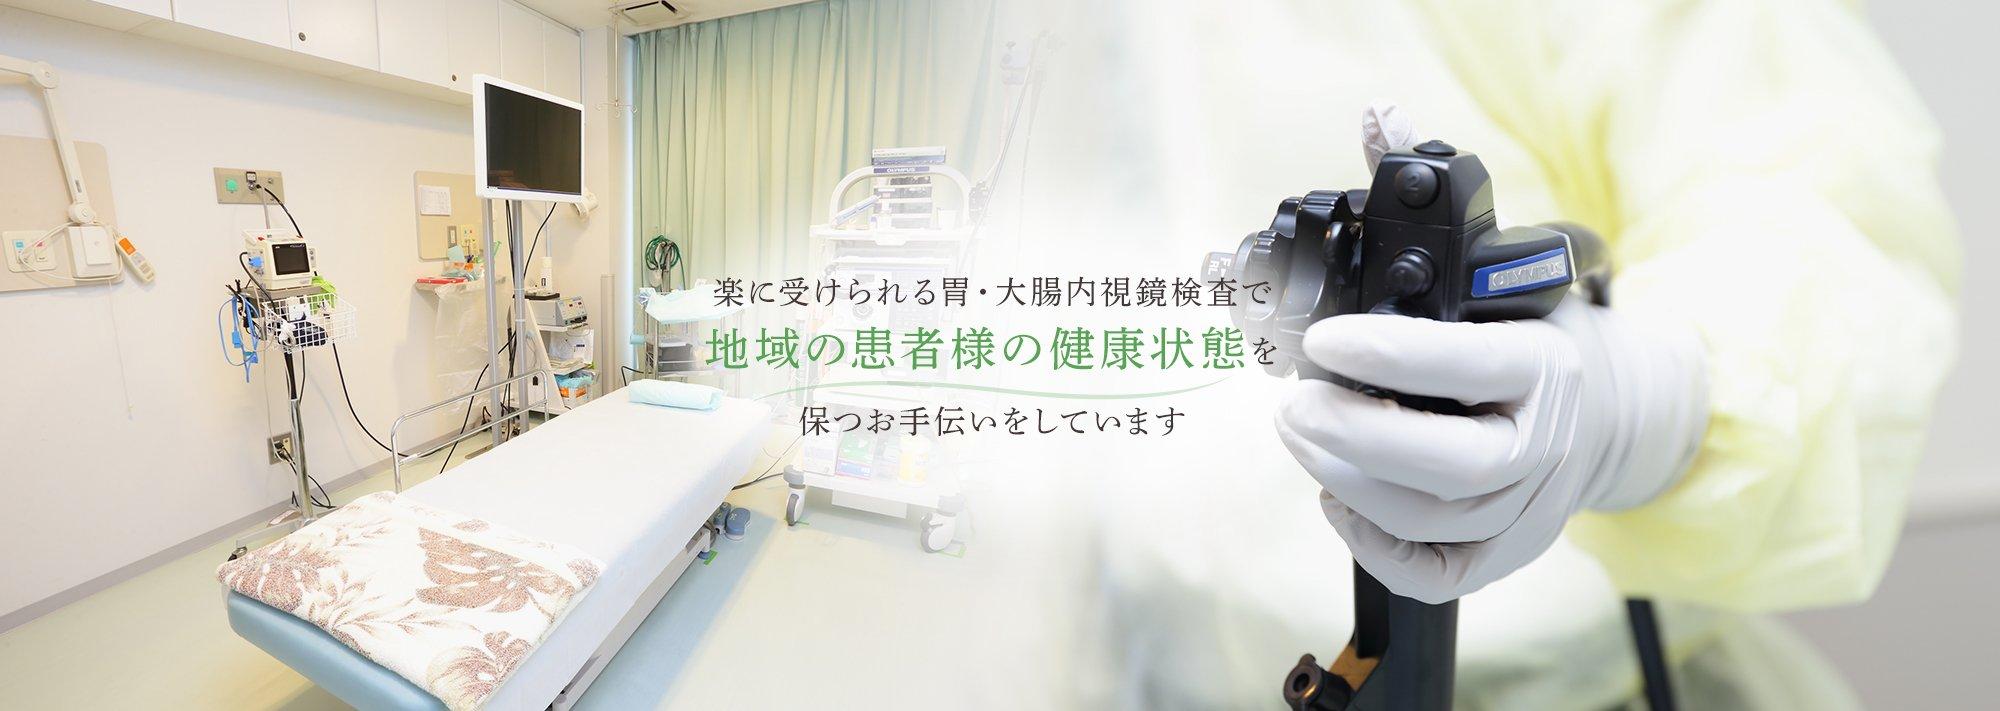 楽に受けられる胃・大腸内視鏡検査で地域の患者様の健康状態を保つお手伝いをしています